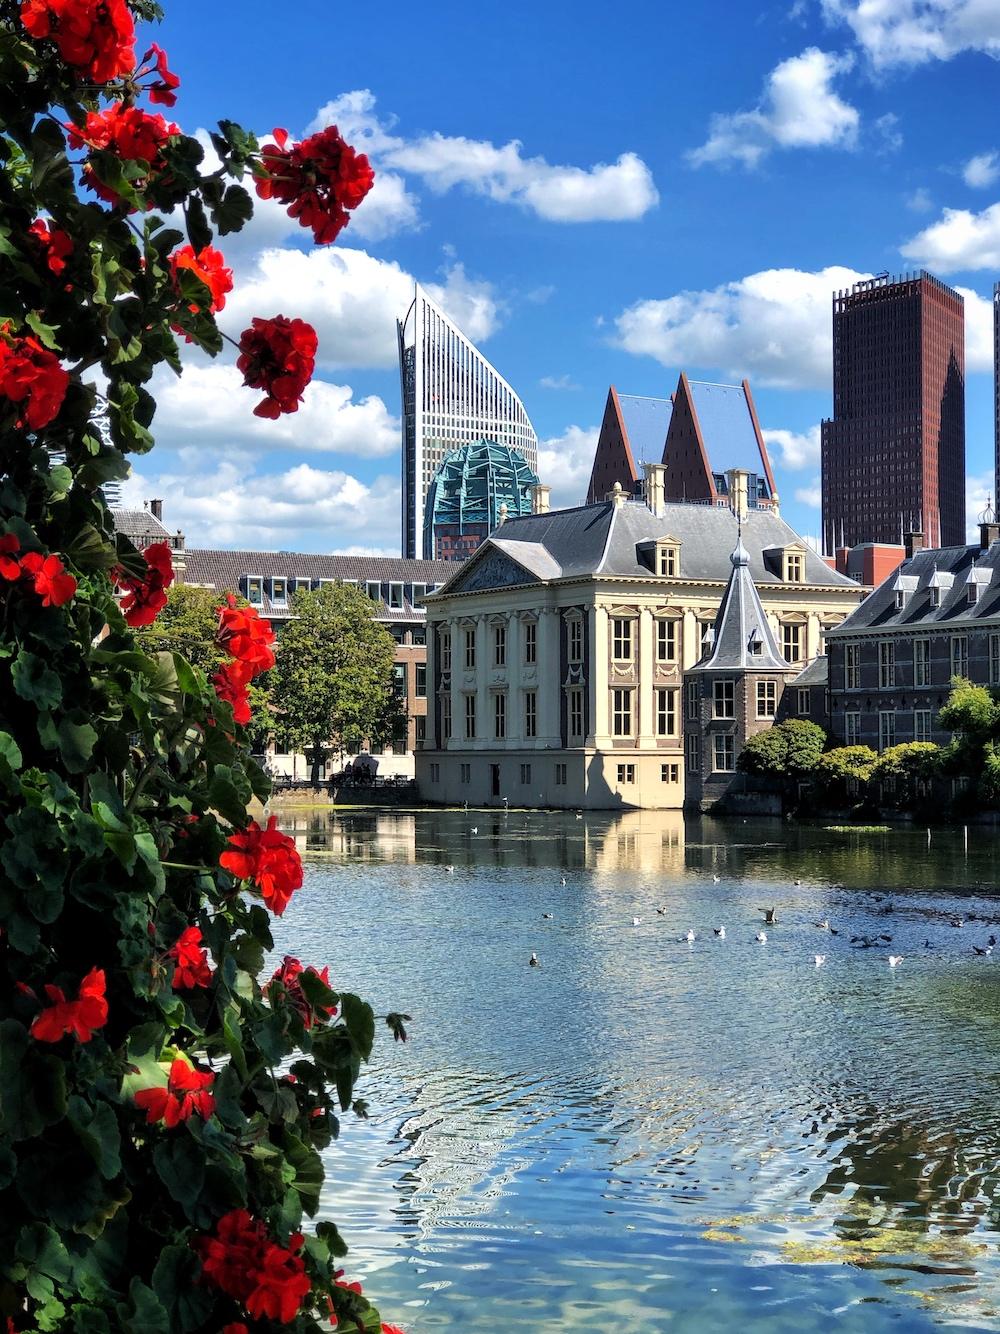 In het Mauritshuis in Den Haag bewonder je de beste schilderijen die Nederland kent, zoals die van Rembrandt en Vermeer.